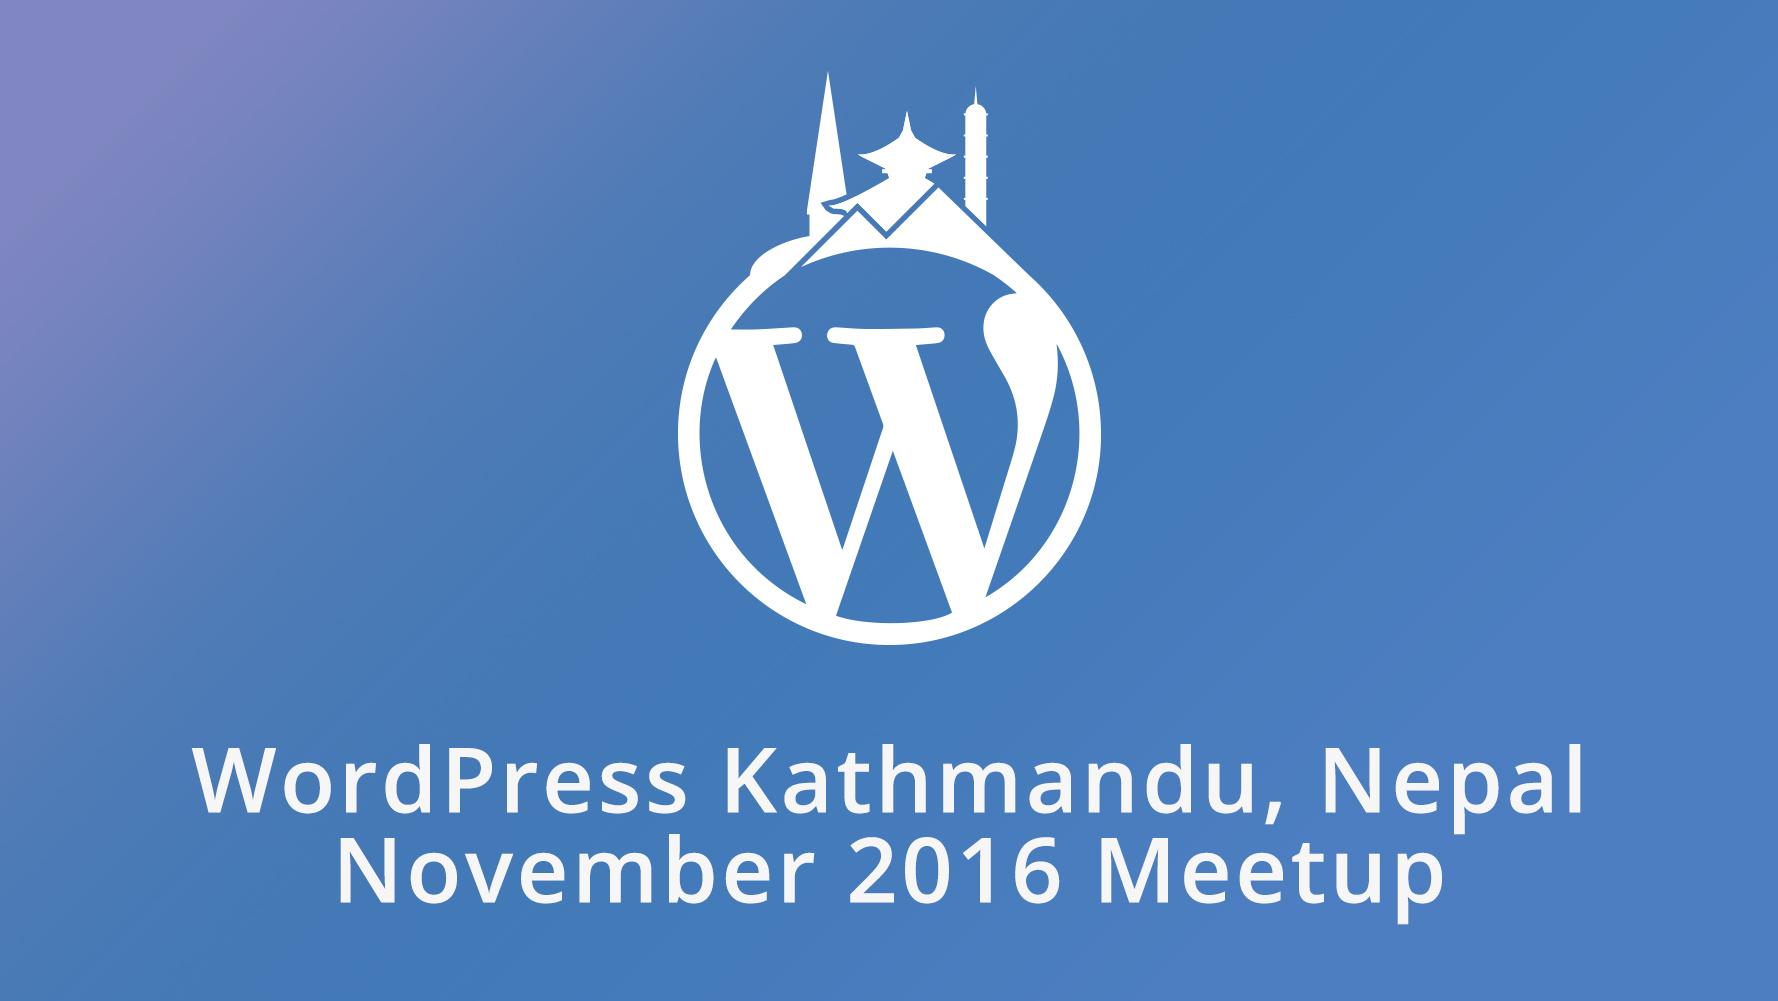 WordPress Kathmandu, Nepal November 2016 Meetup